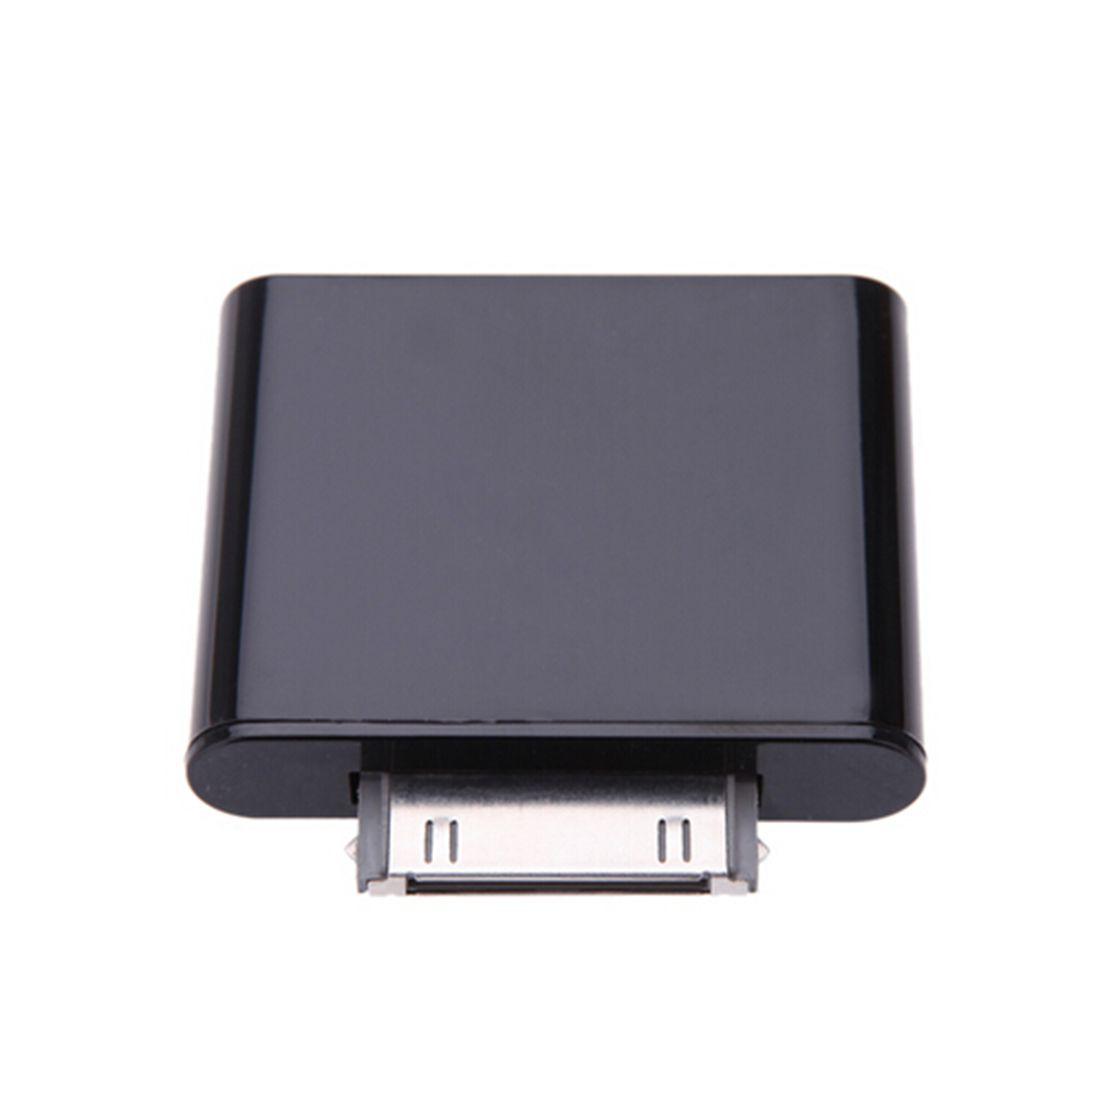 NOYOKERE nouvelles Promotions Bluetooth adaptateur Audio Dongle émetteur pour iPod Mini iPod classique iPod